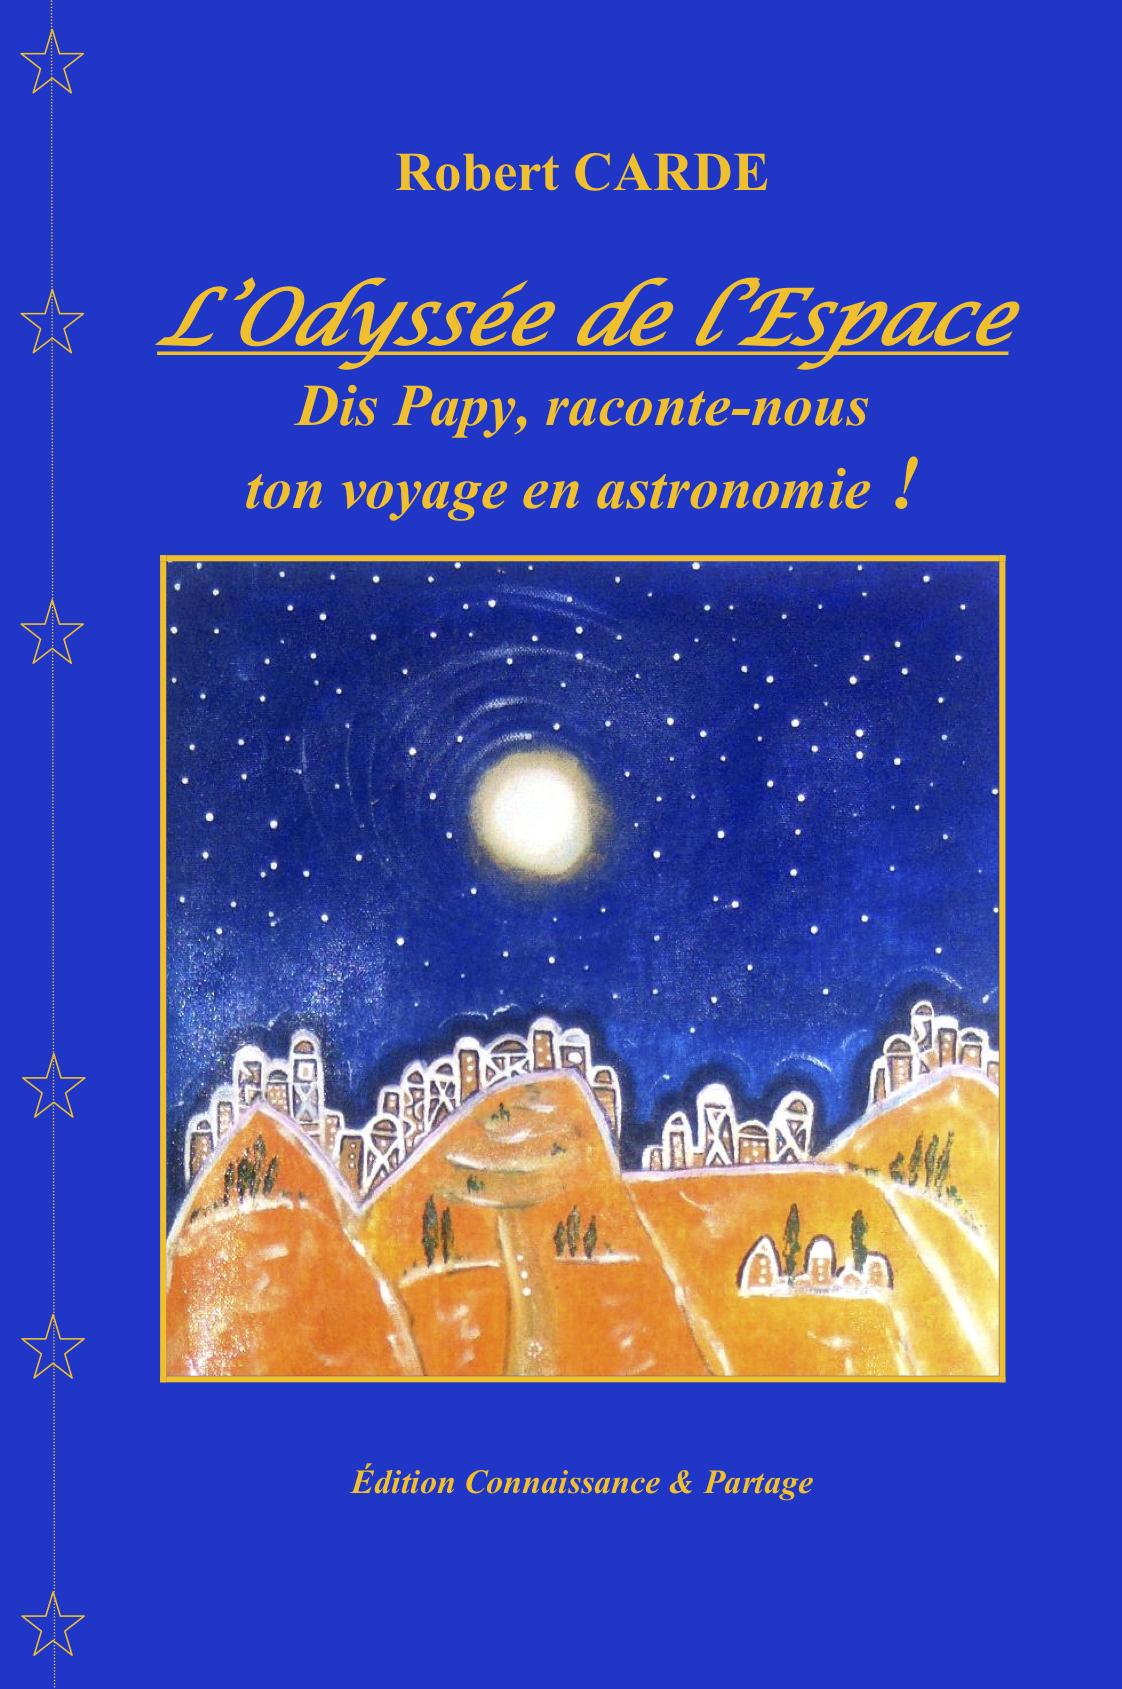 Couv Livre P1 L'Odyssée de l'Espace.jpg